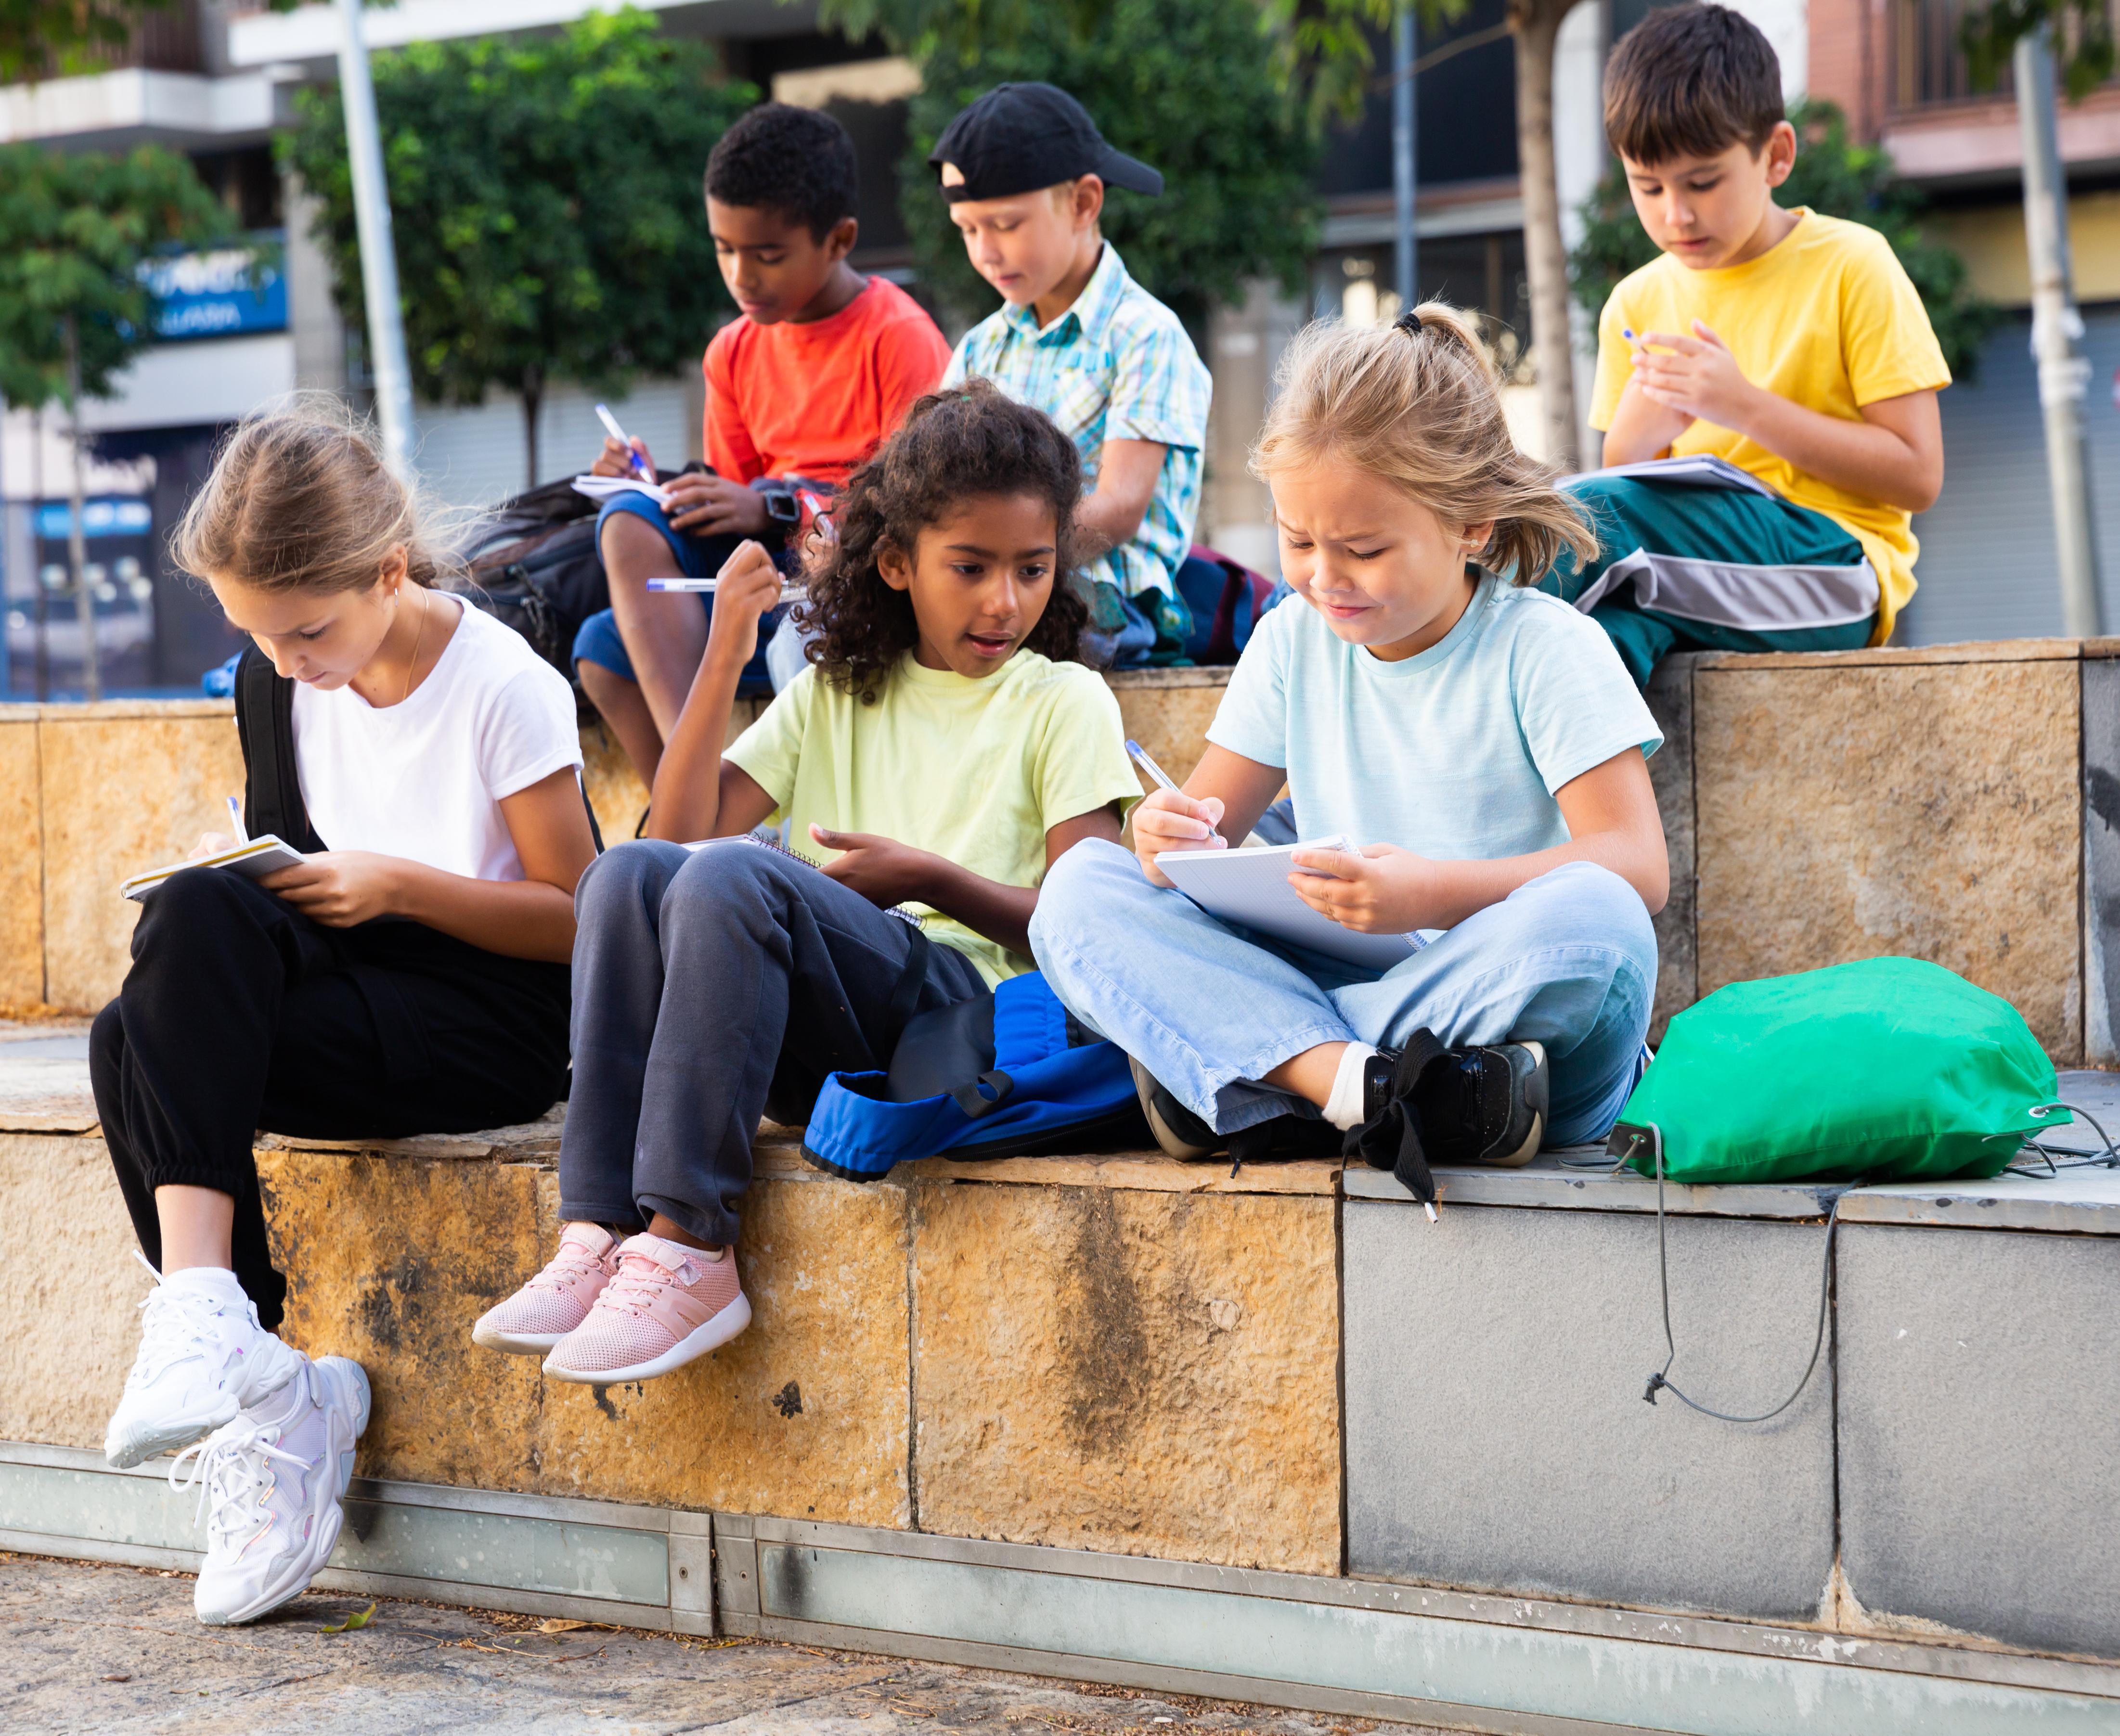 Barn og unges tekstspraksiser på fritiden